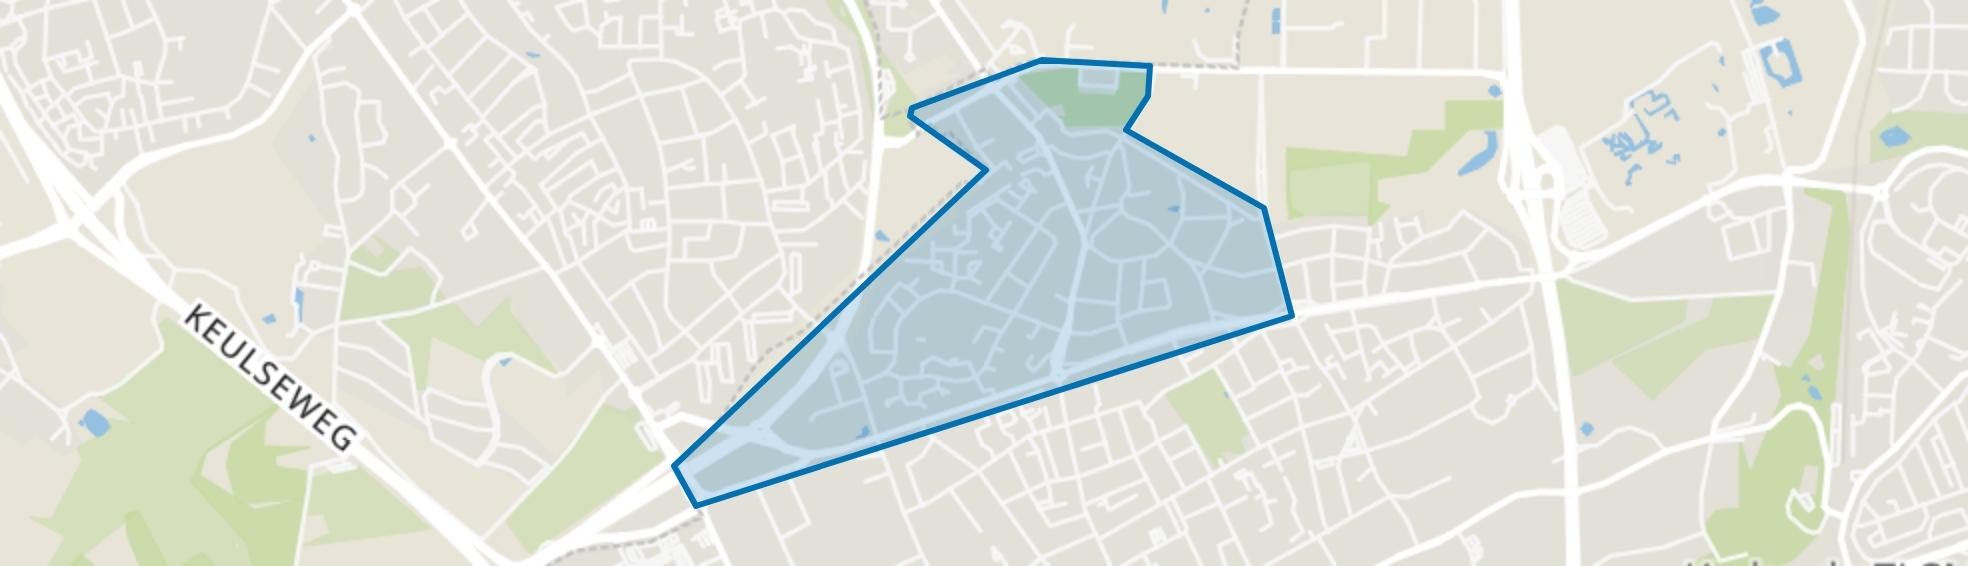 Terwinselen, Kerkrade map